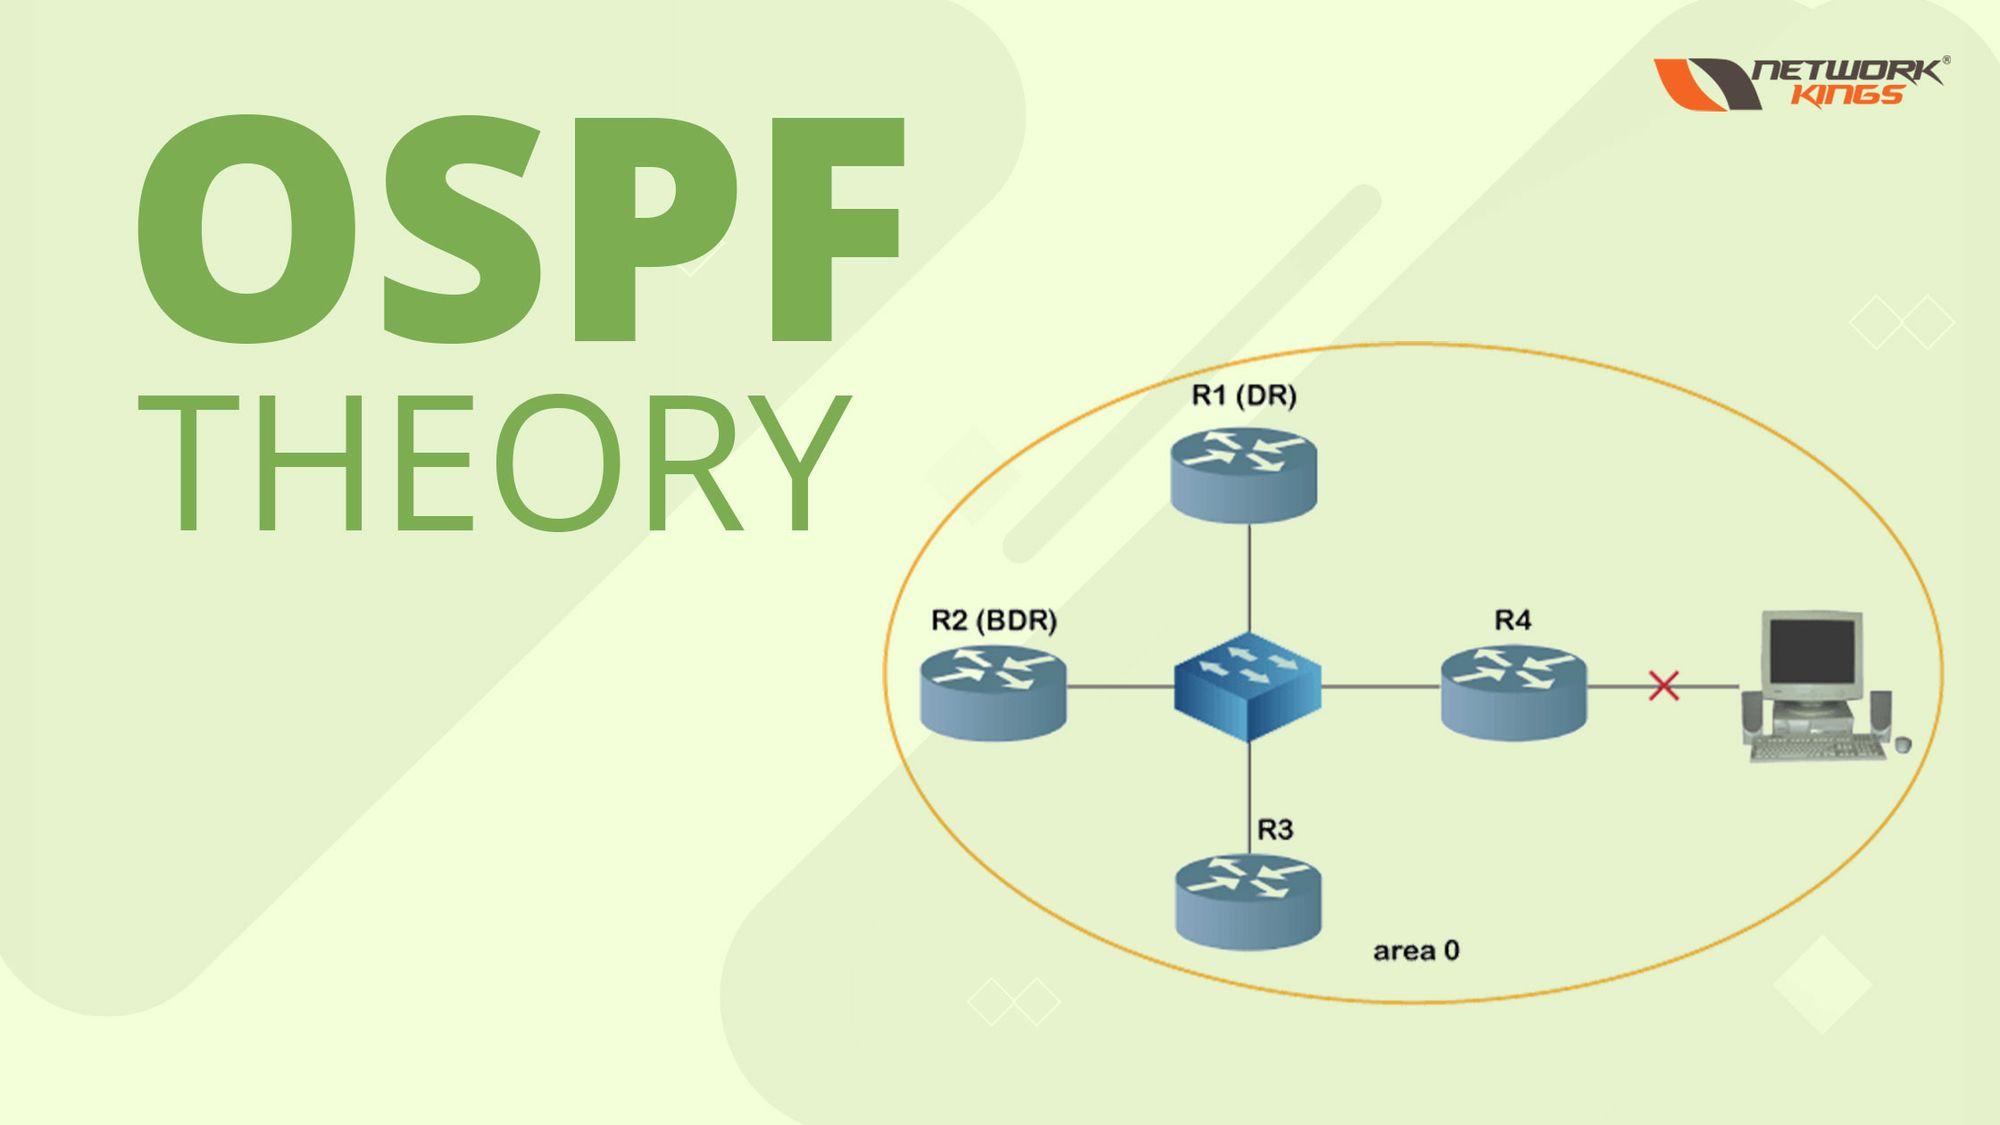 OSPF Theory